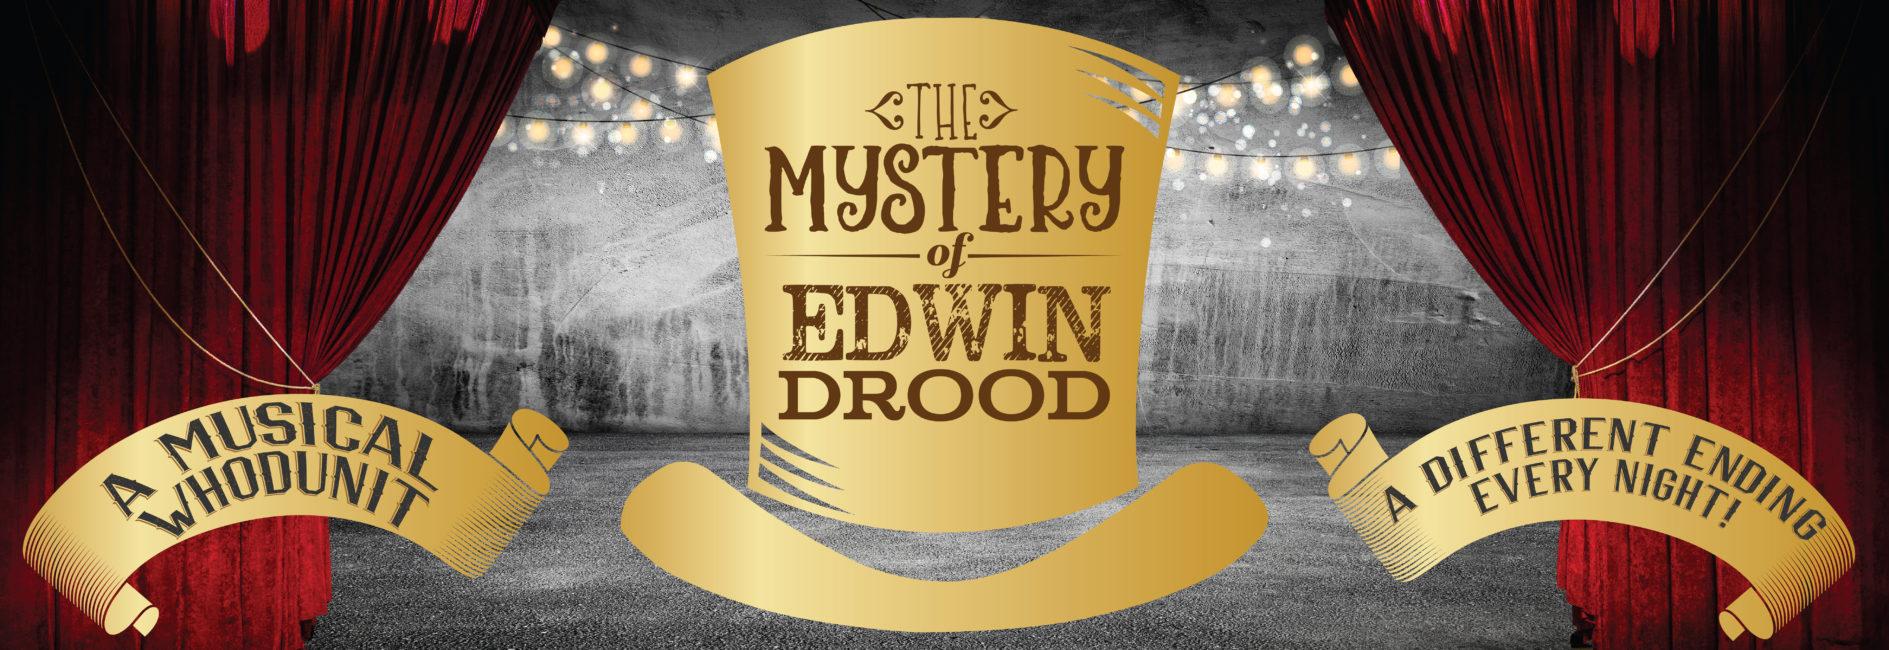 mystery-of-edwin-drood-rev-1889x650.jpg